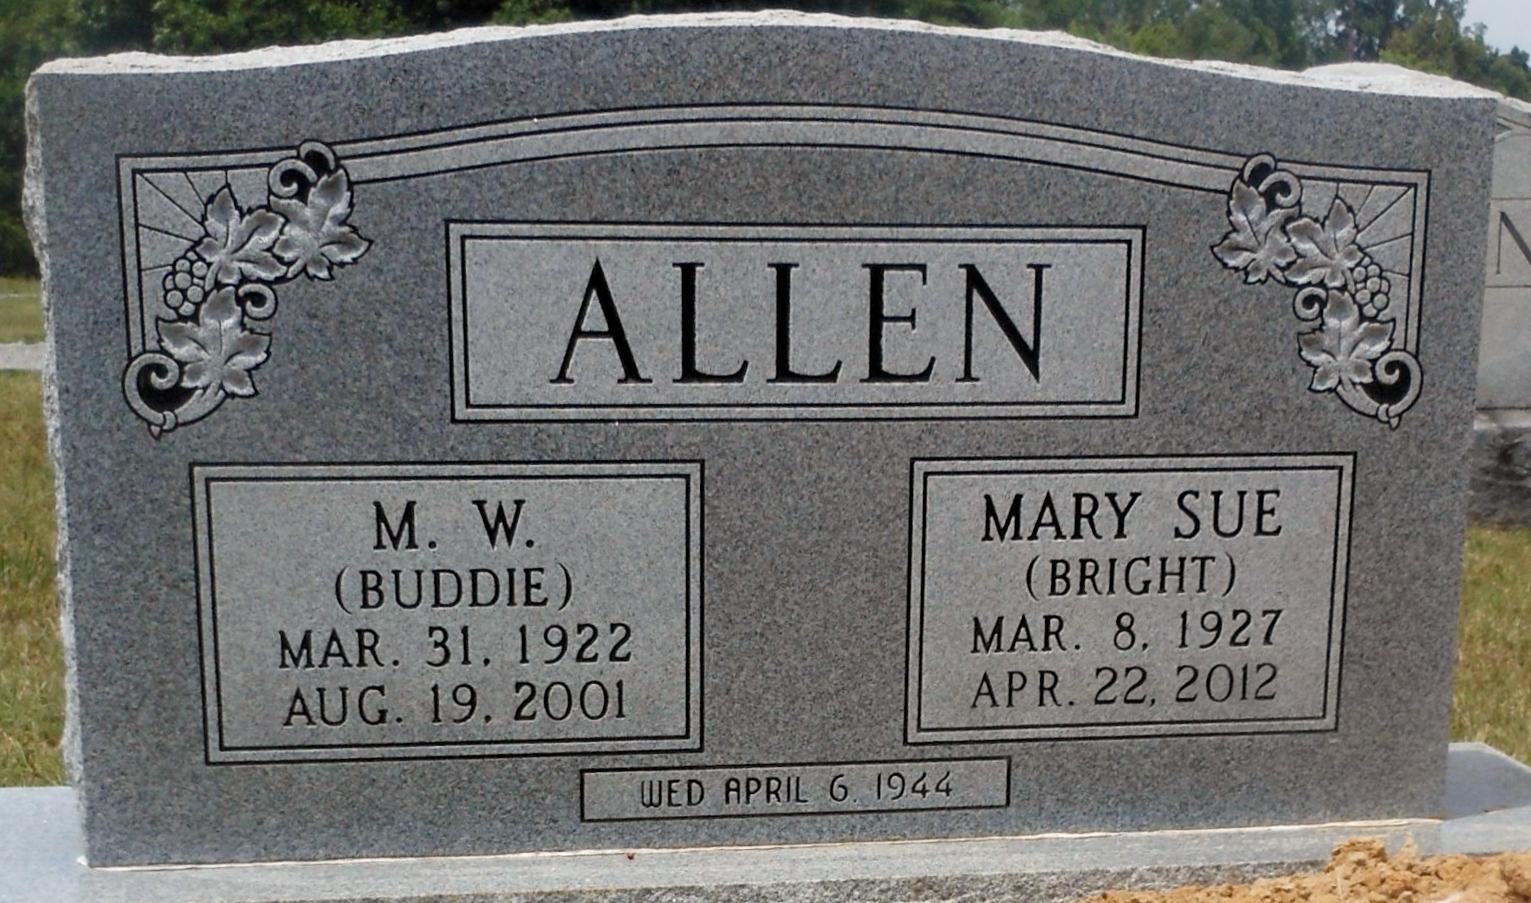 Marion Webb Buddie Allen